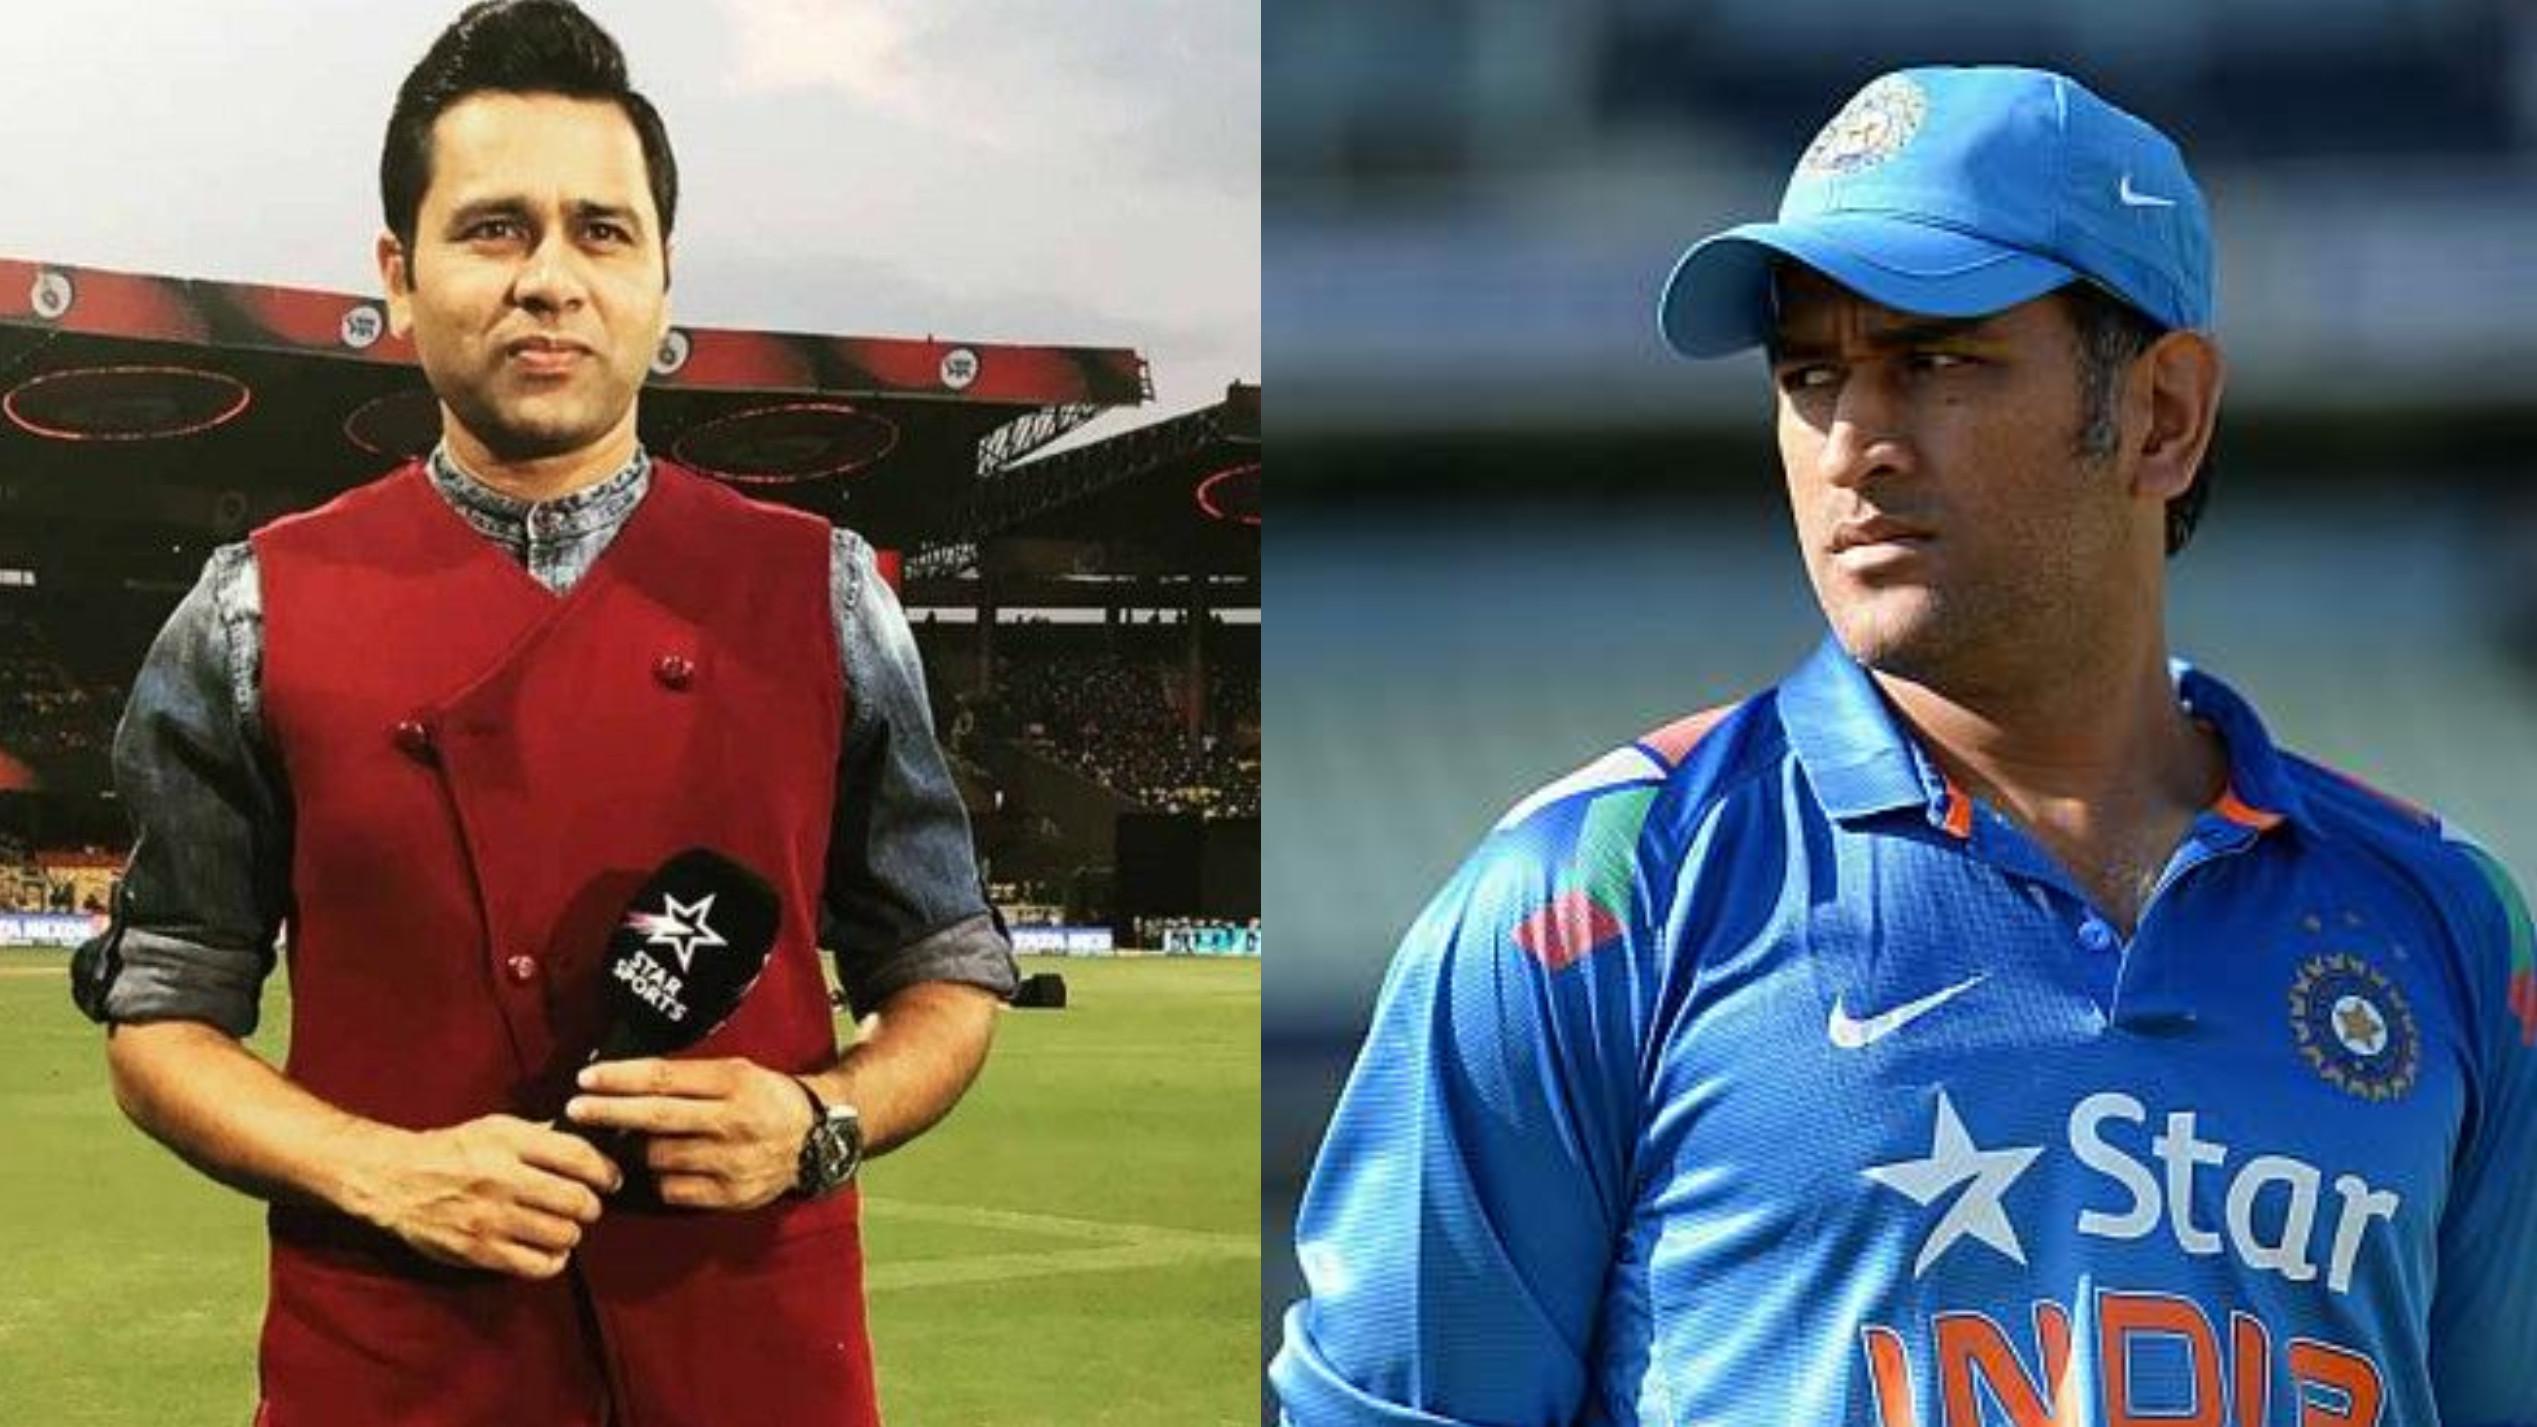 आकाश चोपड़ा के अनुसार एमएस धोनी फिर से T20I प्रारूप में नहीं खेल सकते